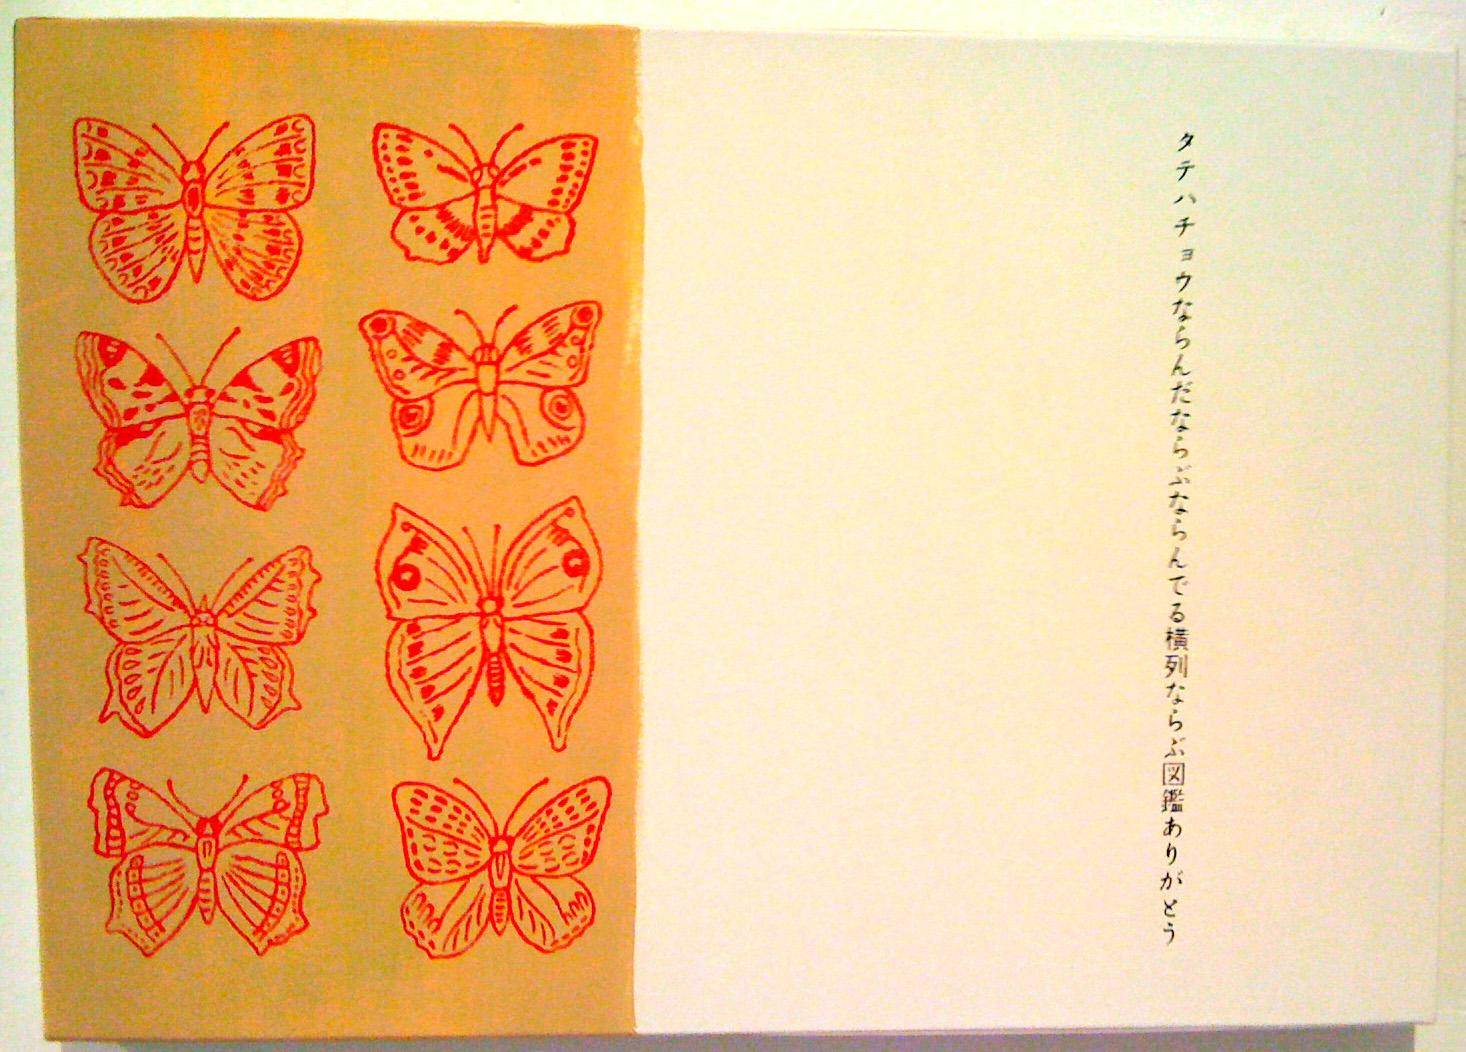 タテハチョウならんだならぶならんでる横列ならぶ図鑑ありがとう